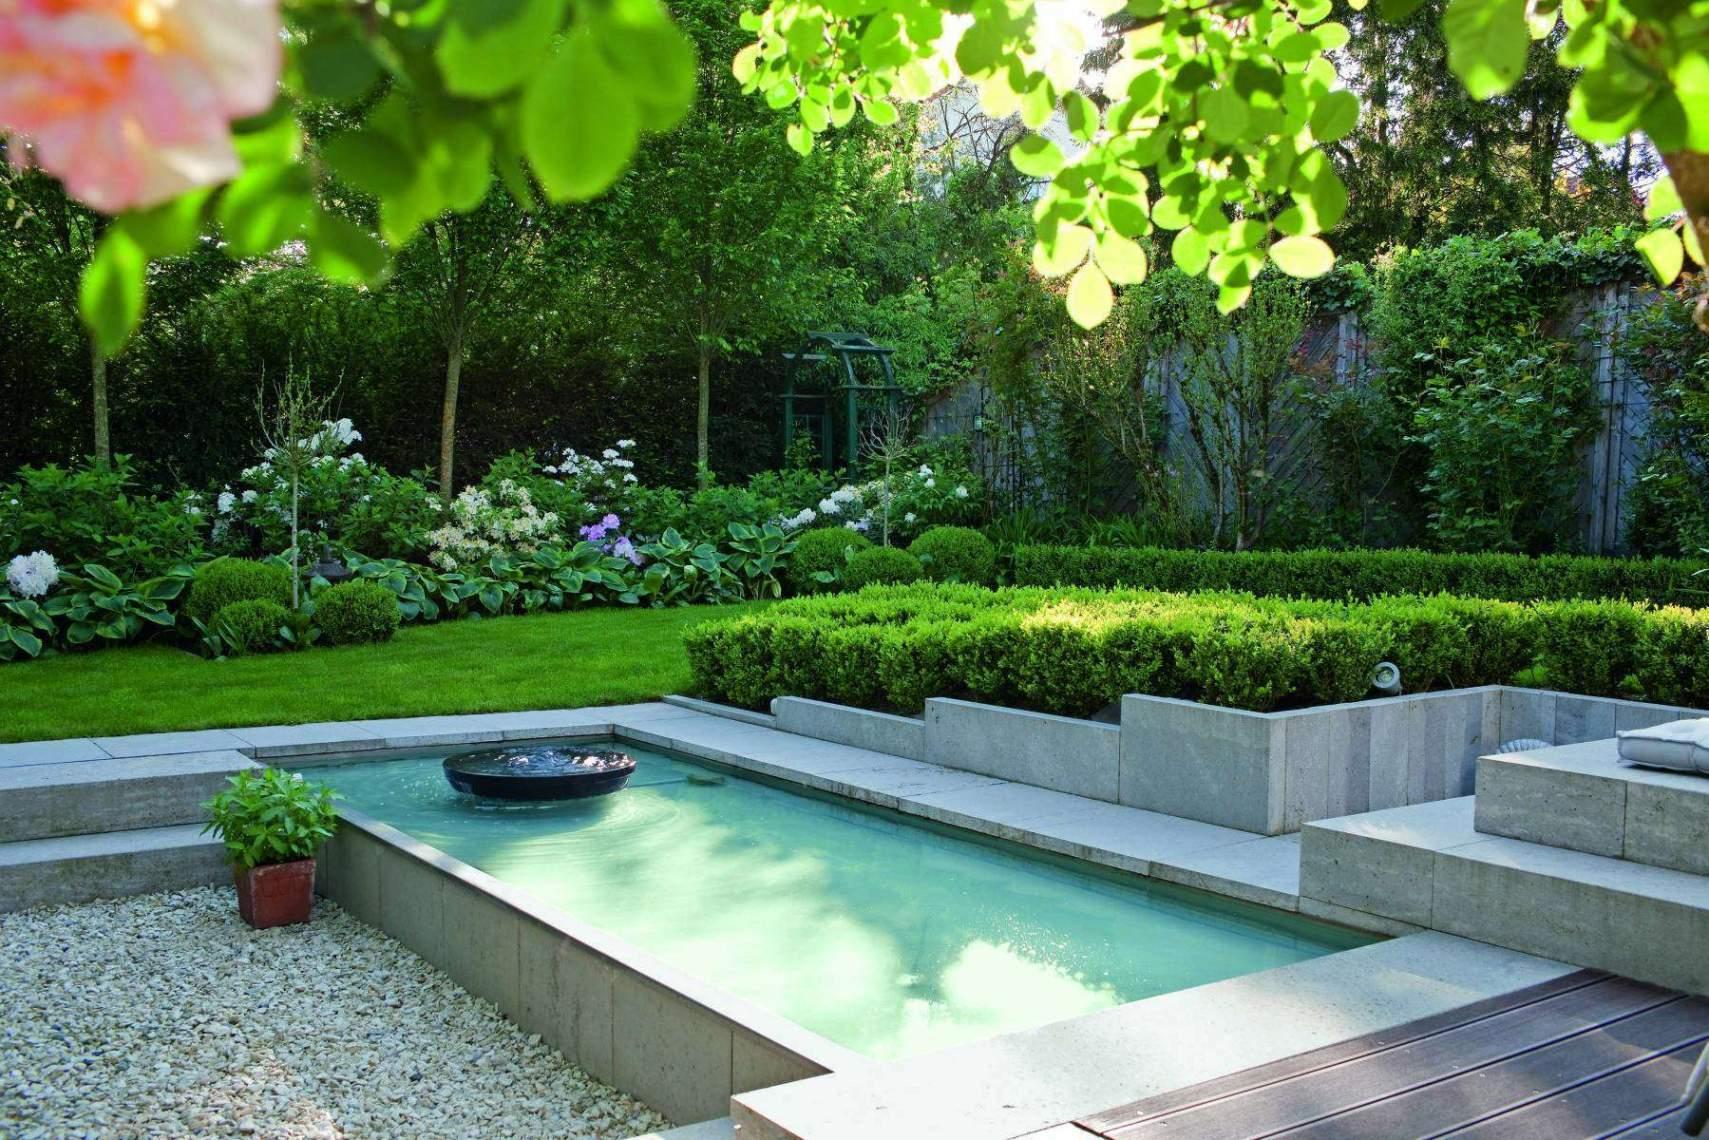 Kunstrasen Für Den Garten Elegant 38 Das Beste Von Schwimmingpool Für Garten Schön